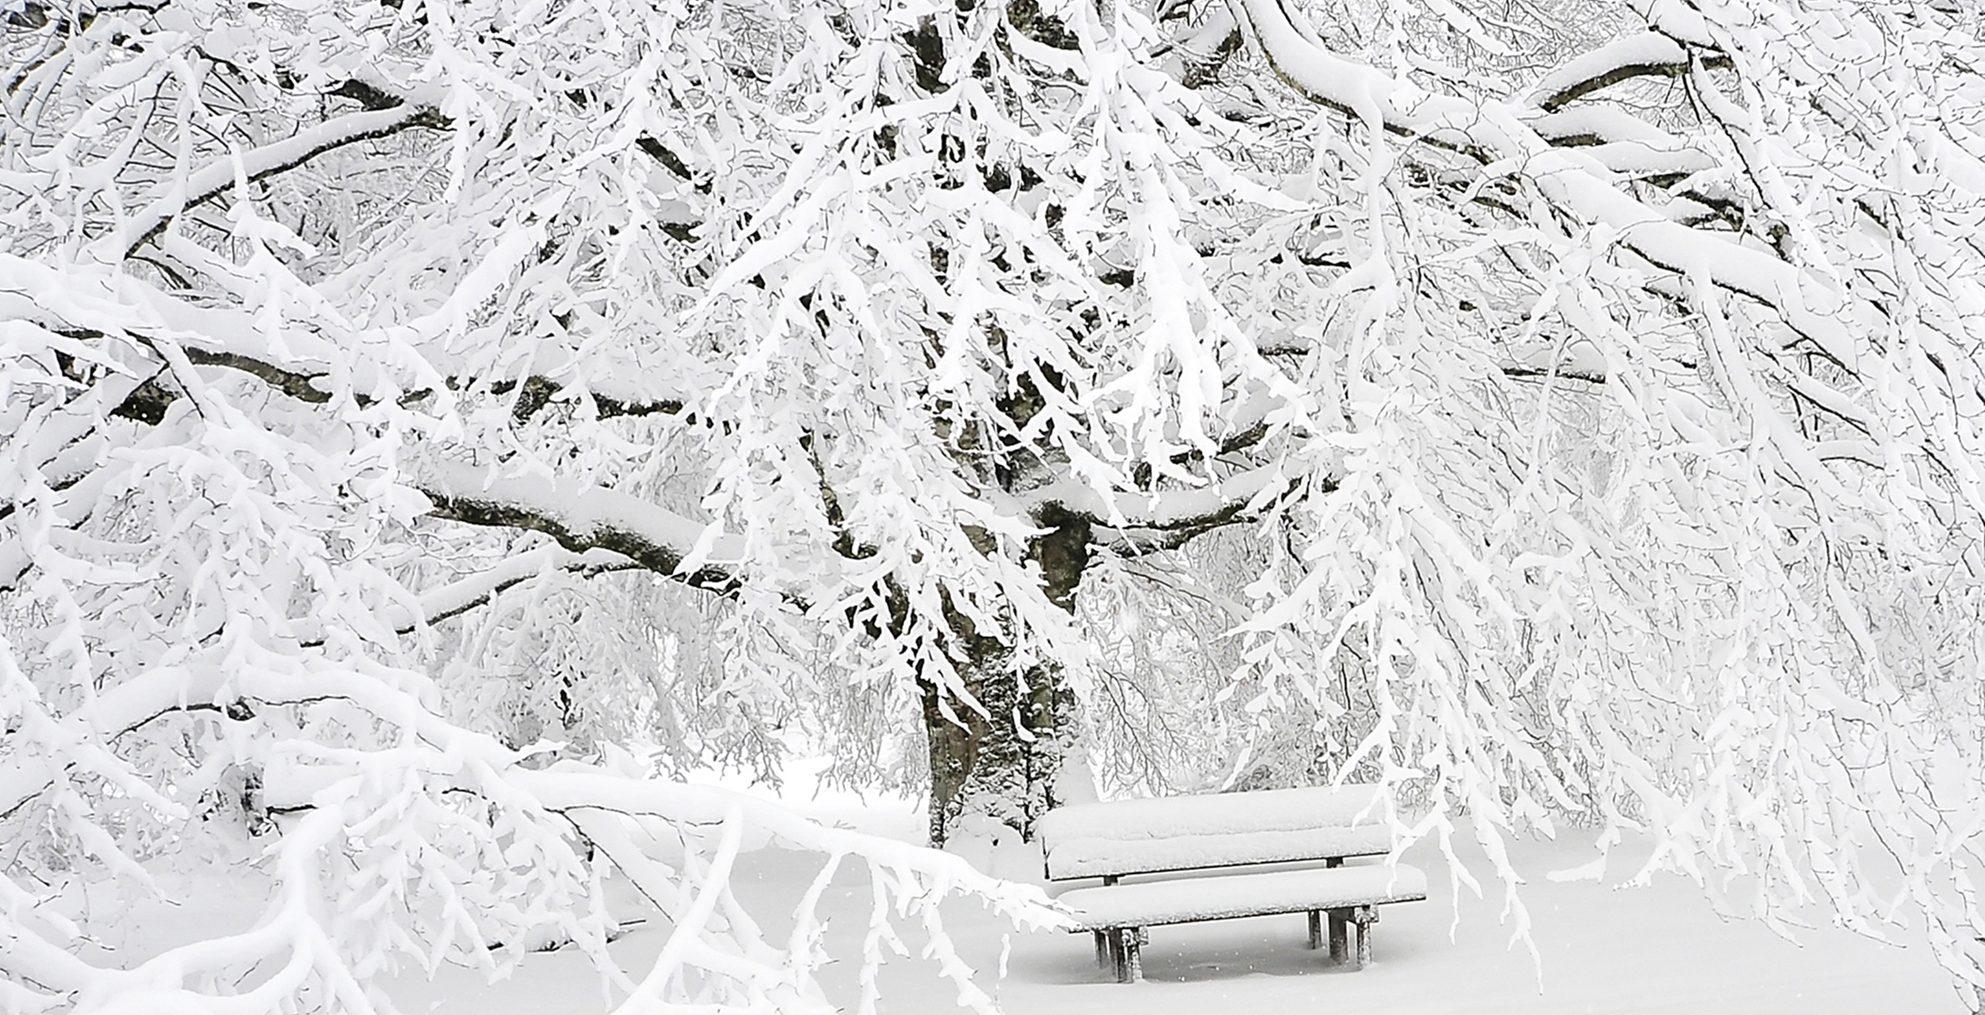 jul, juletid, sne, vinter, rejse, sydpå, julen